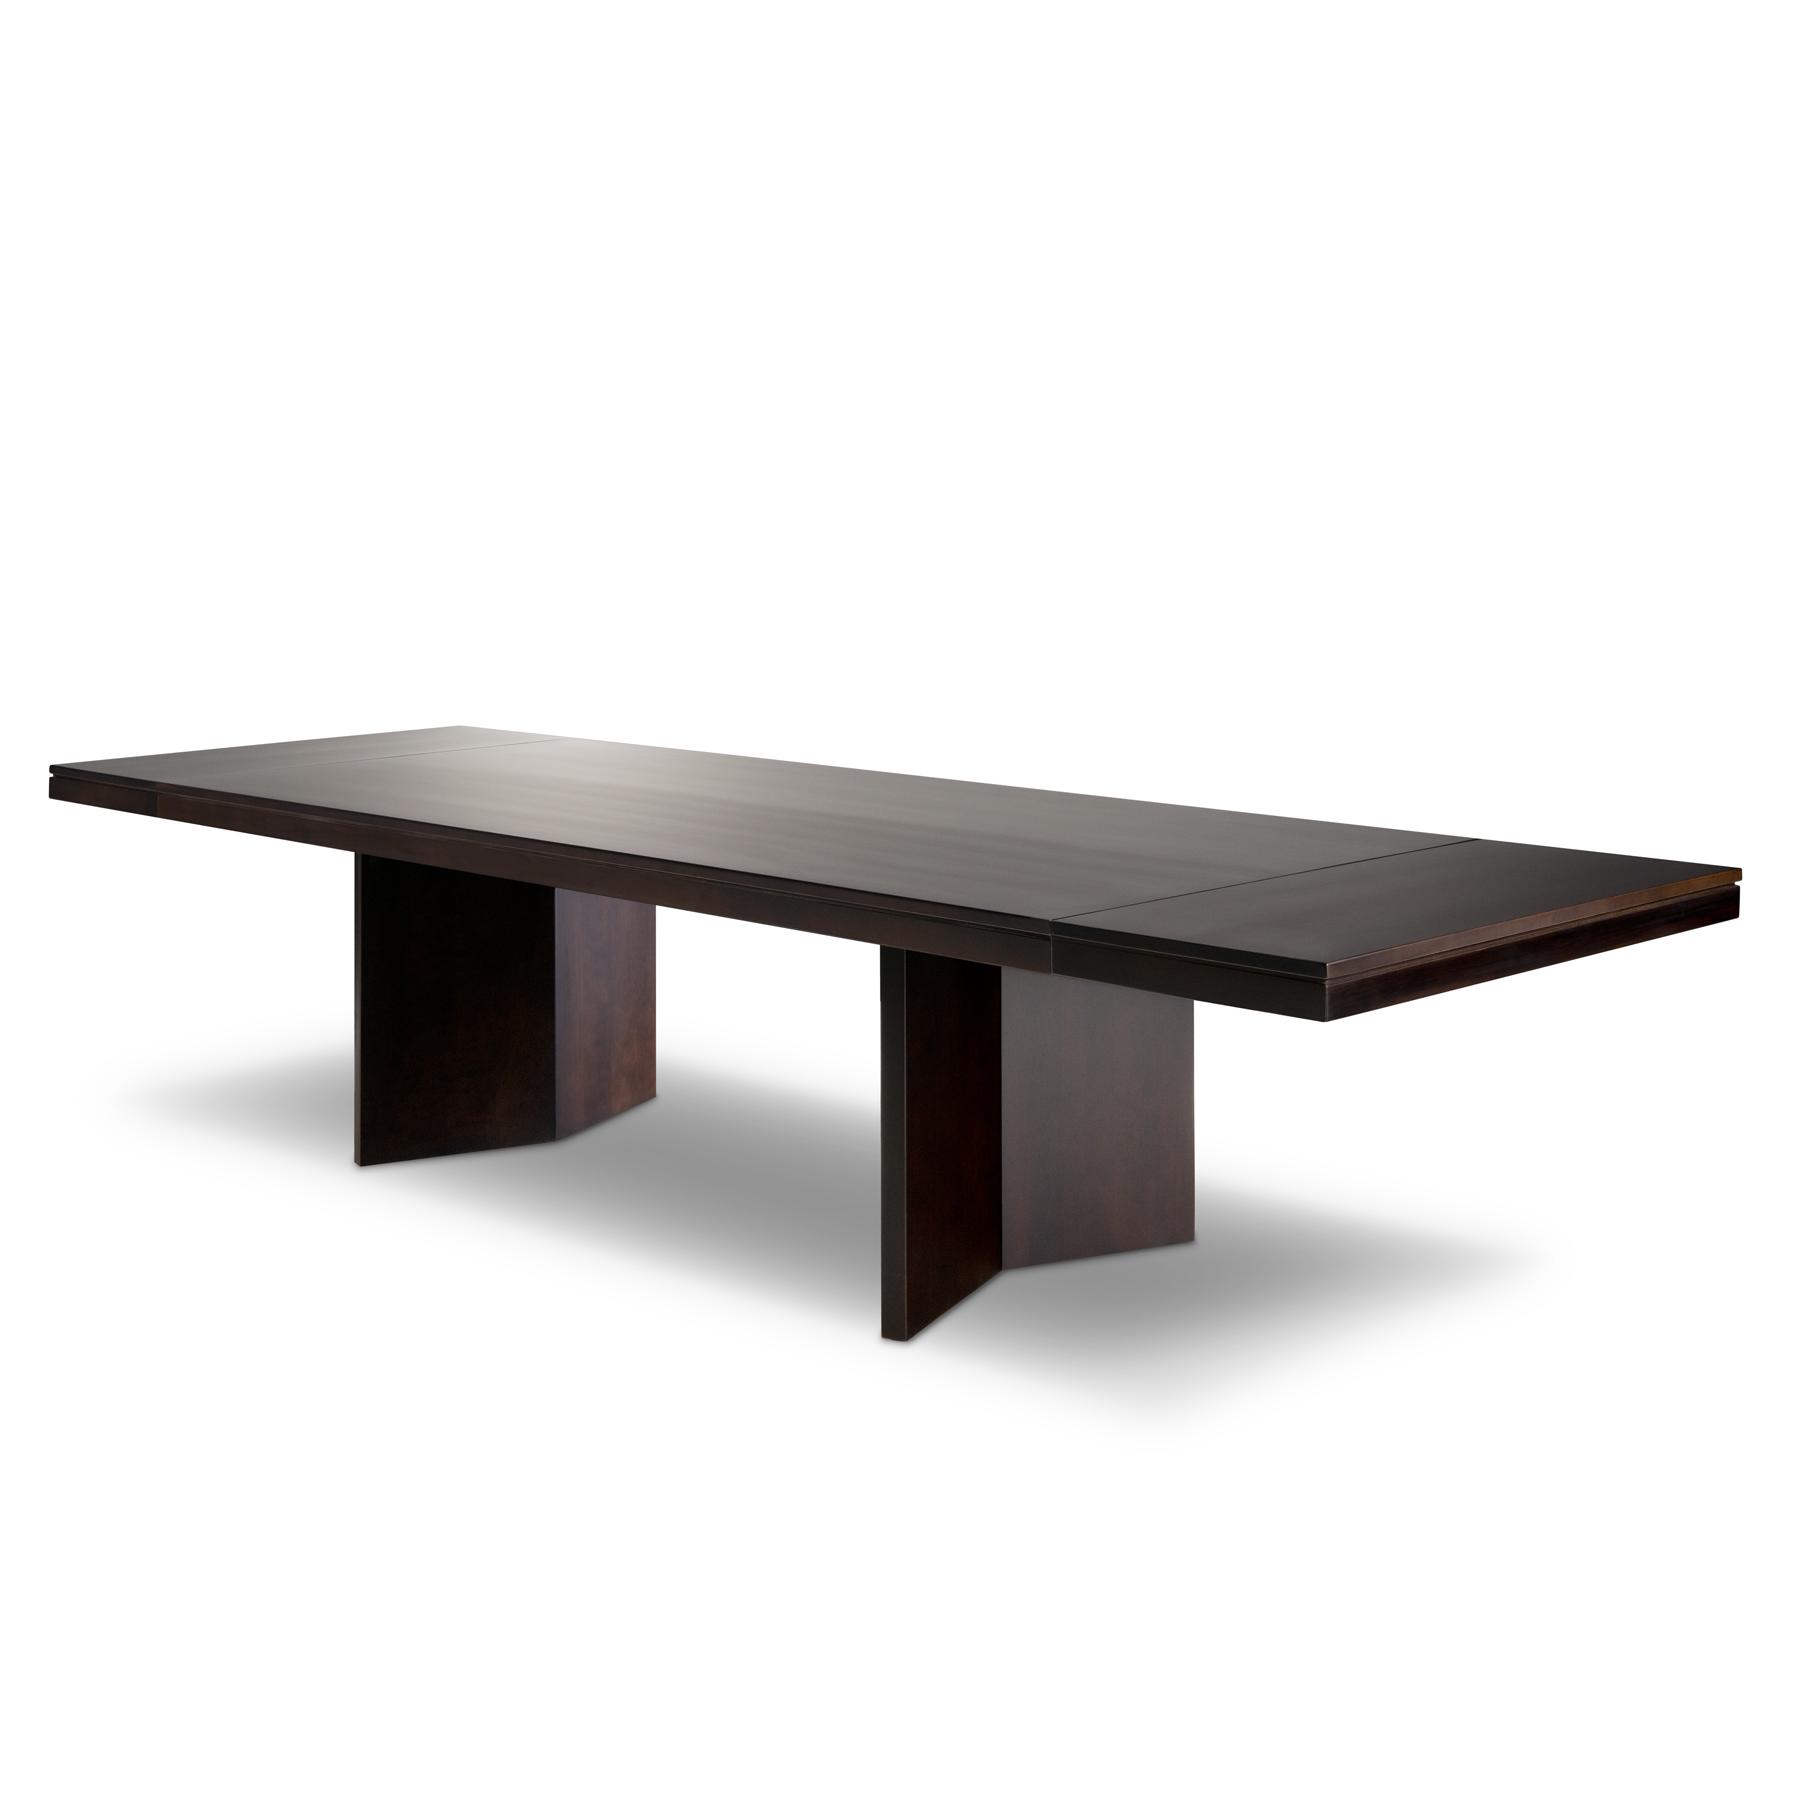 Arcadia-Table-A-PROOF-1-1-1.jpg